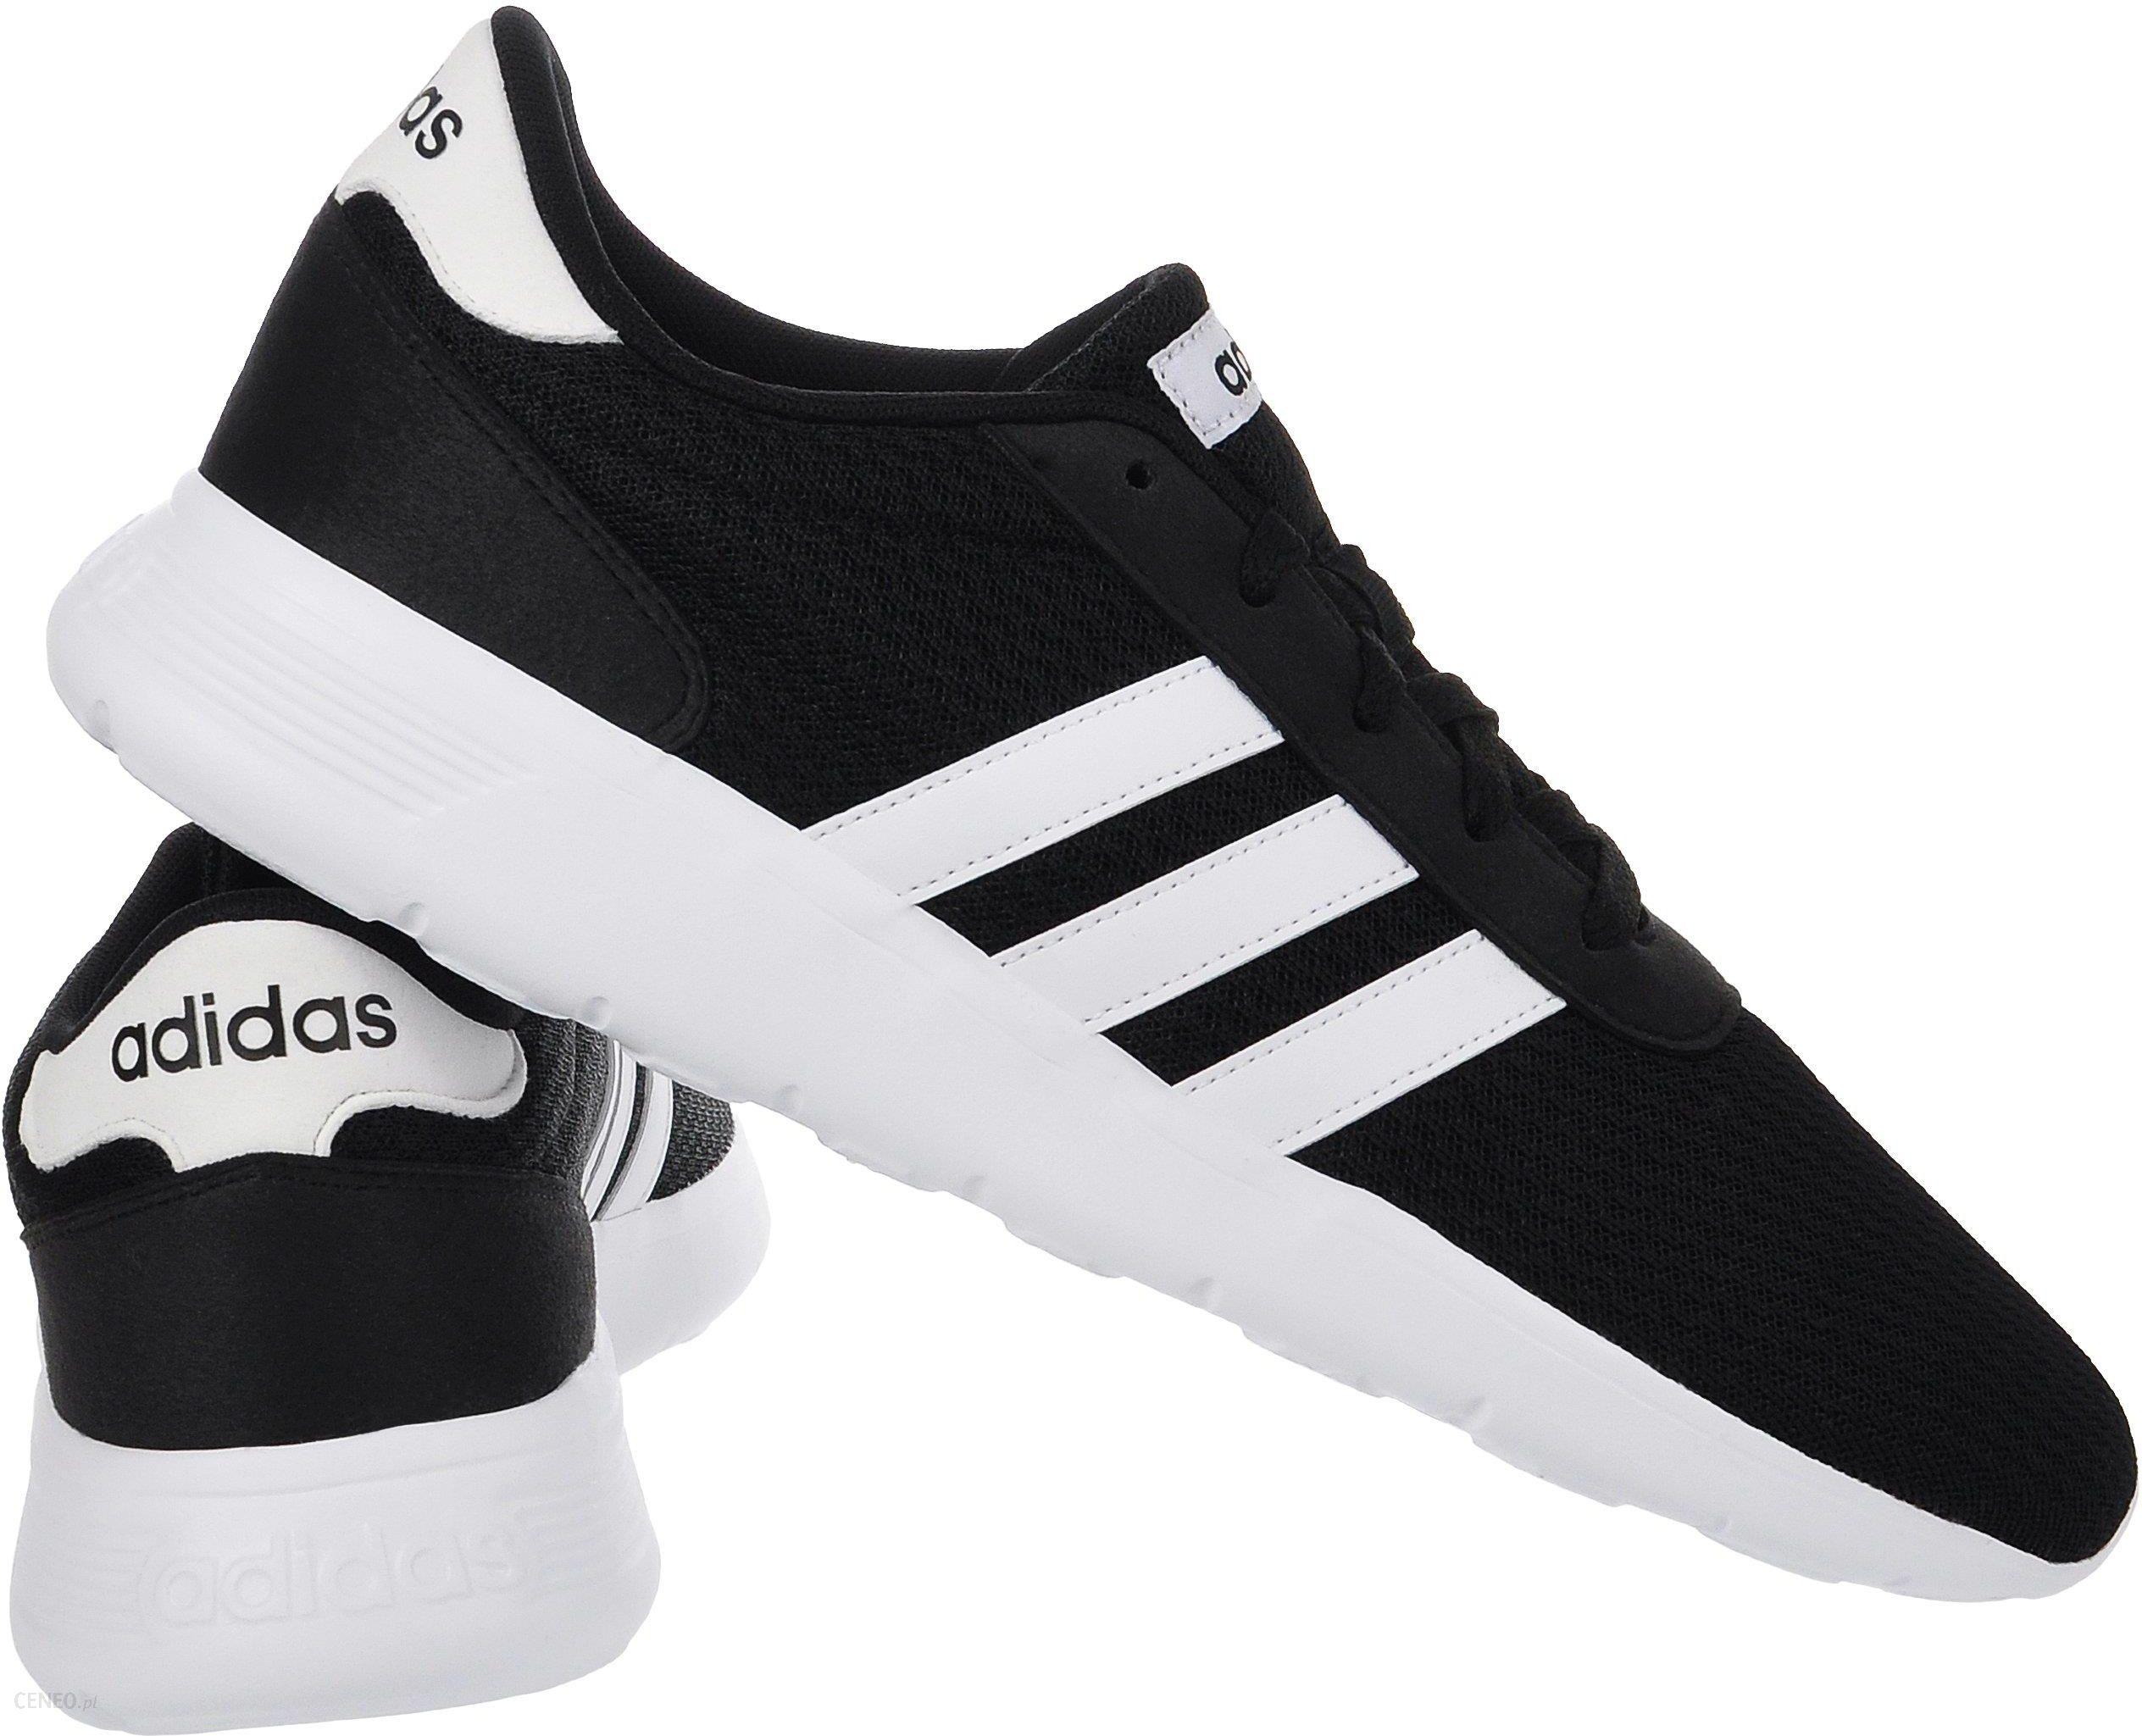 buty adidas meskie 46 5